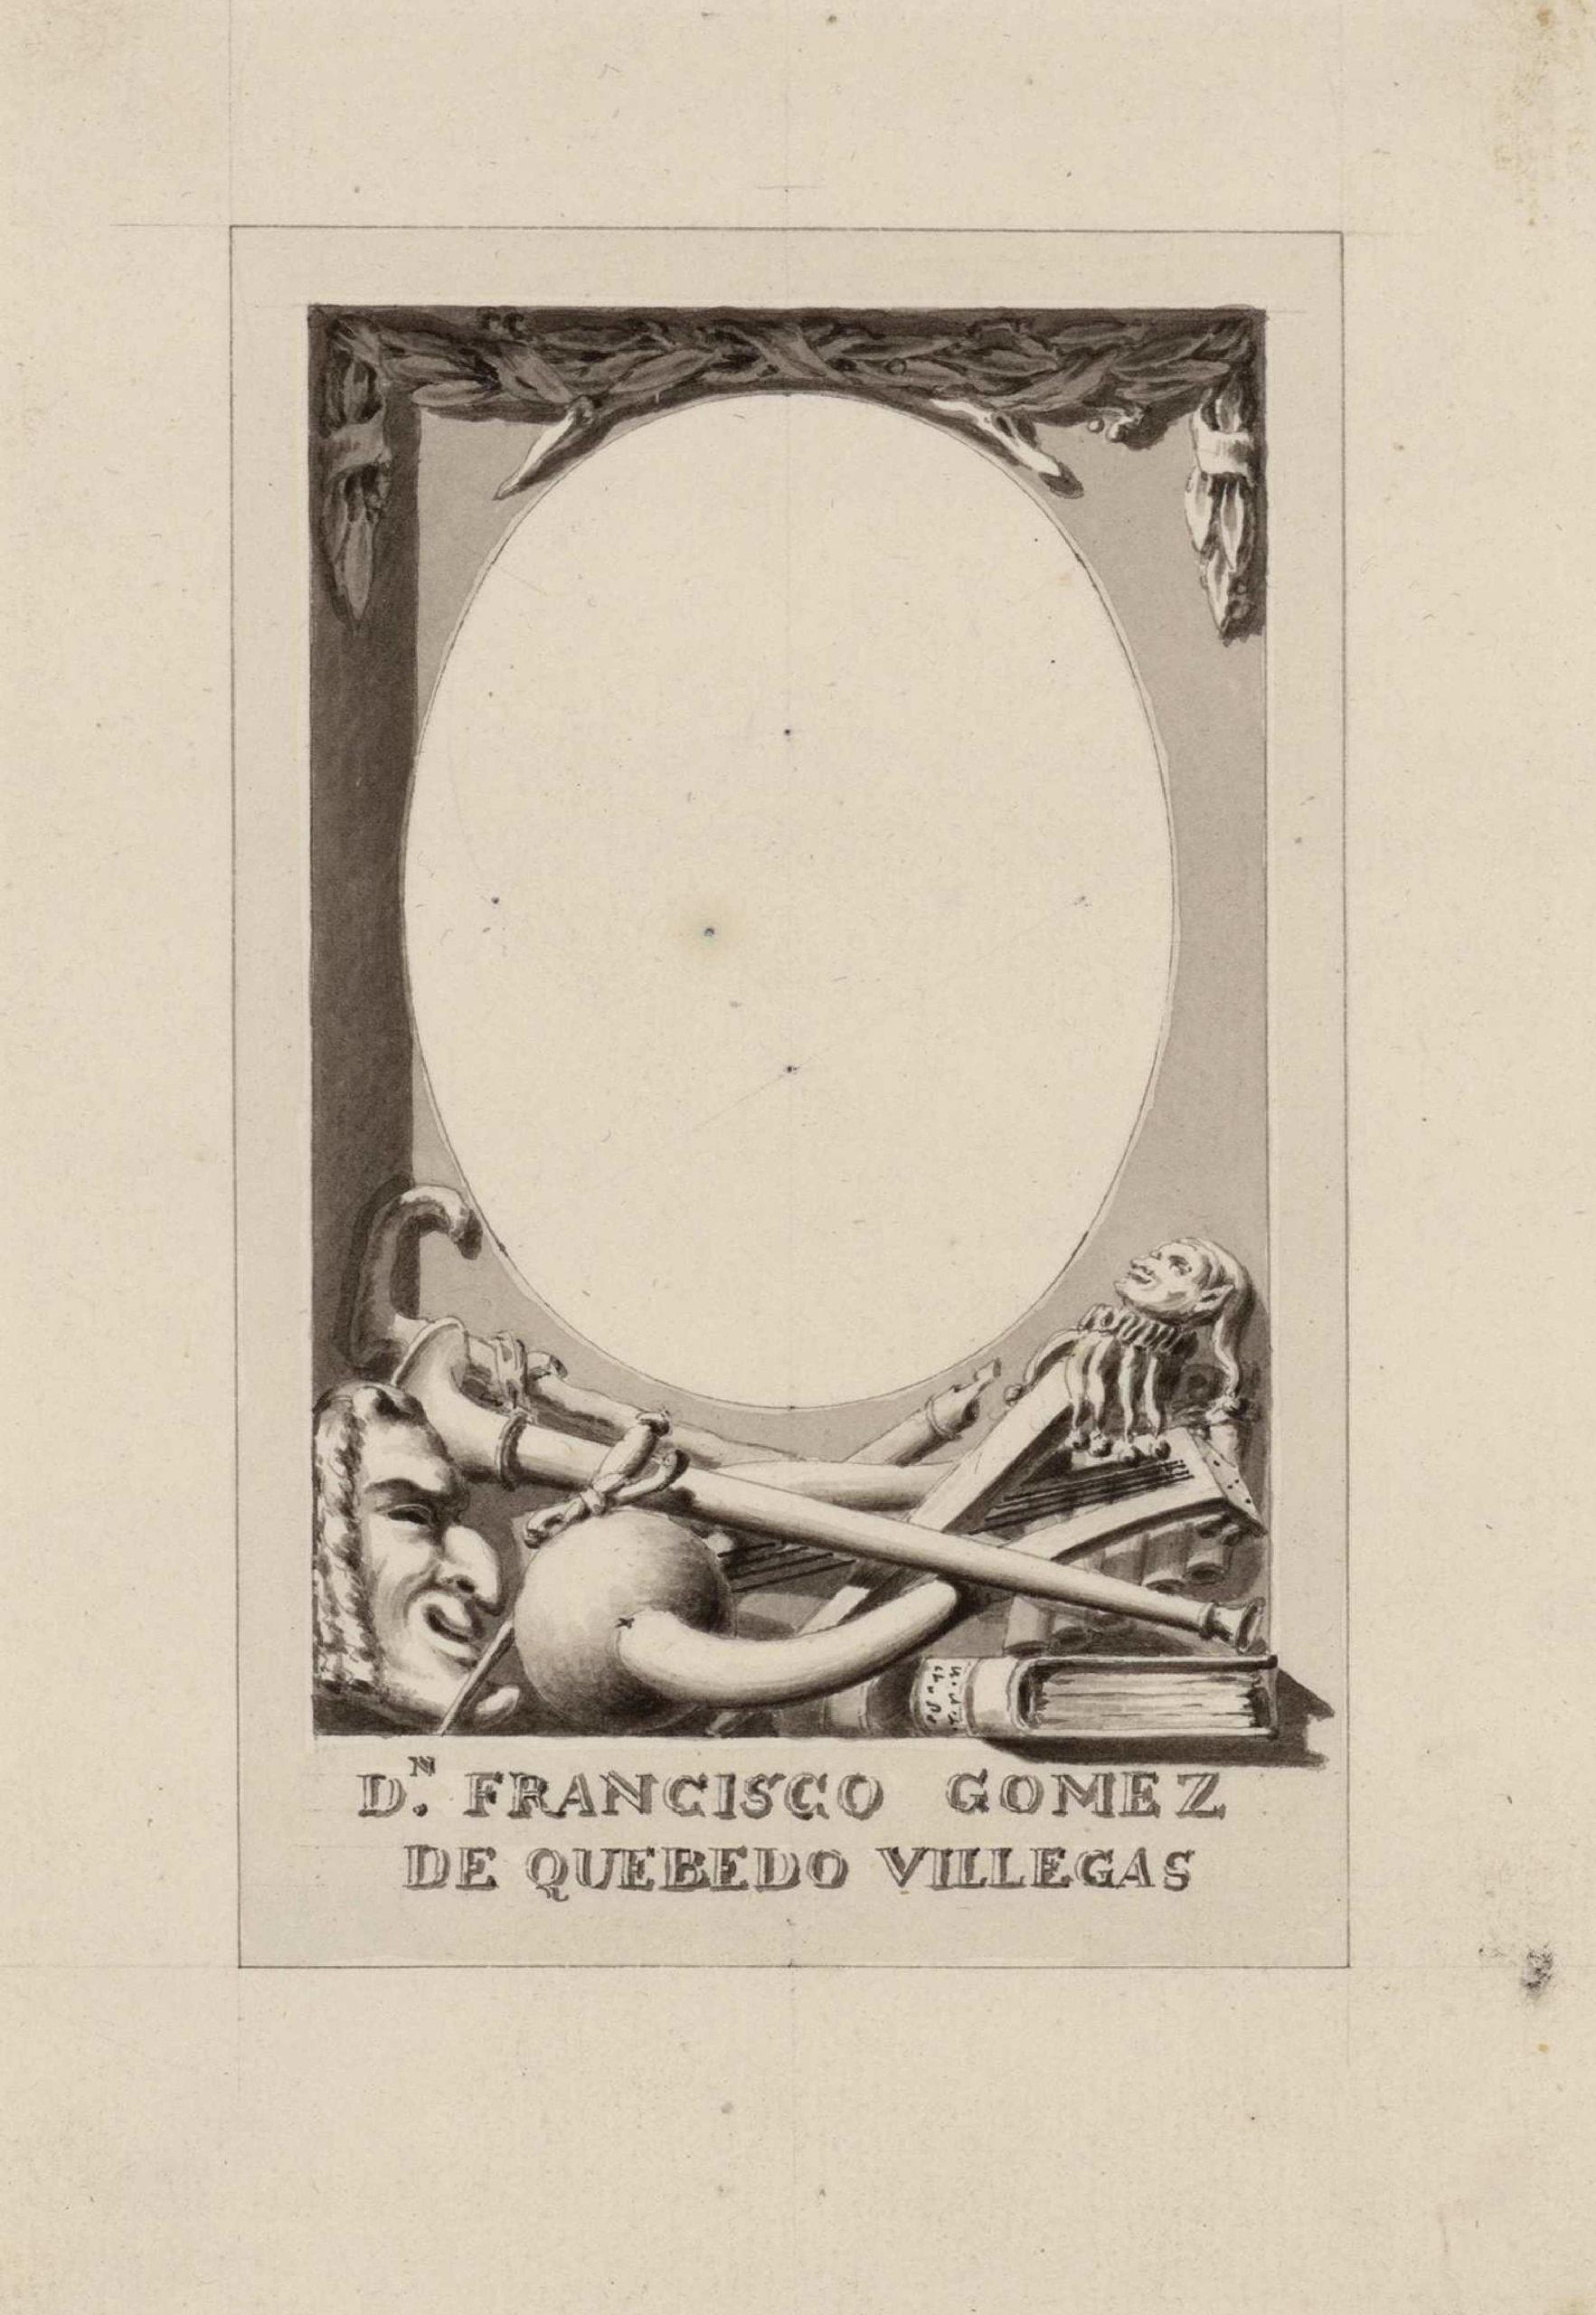 https://chiquitaroom.com/wp-content/uploads/2020/11/Marco_para_el_retrato_de_Francisco_de_Quevedo_Material_grafico__1-scaled.jpg